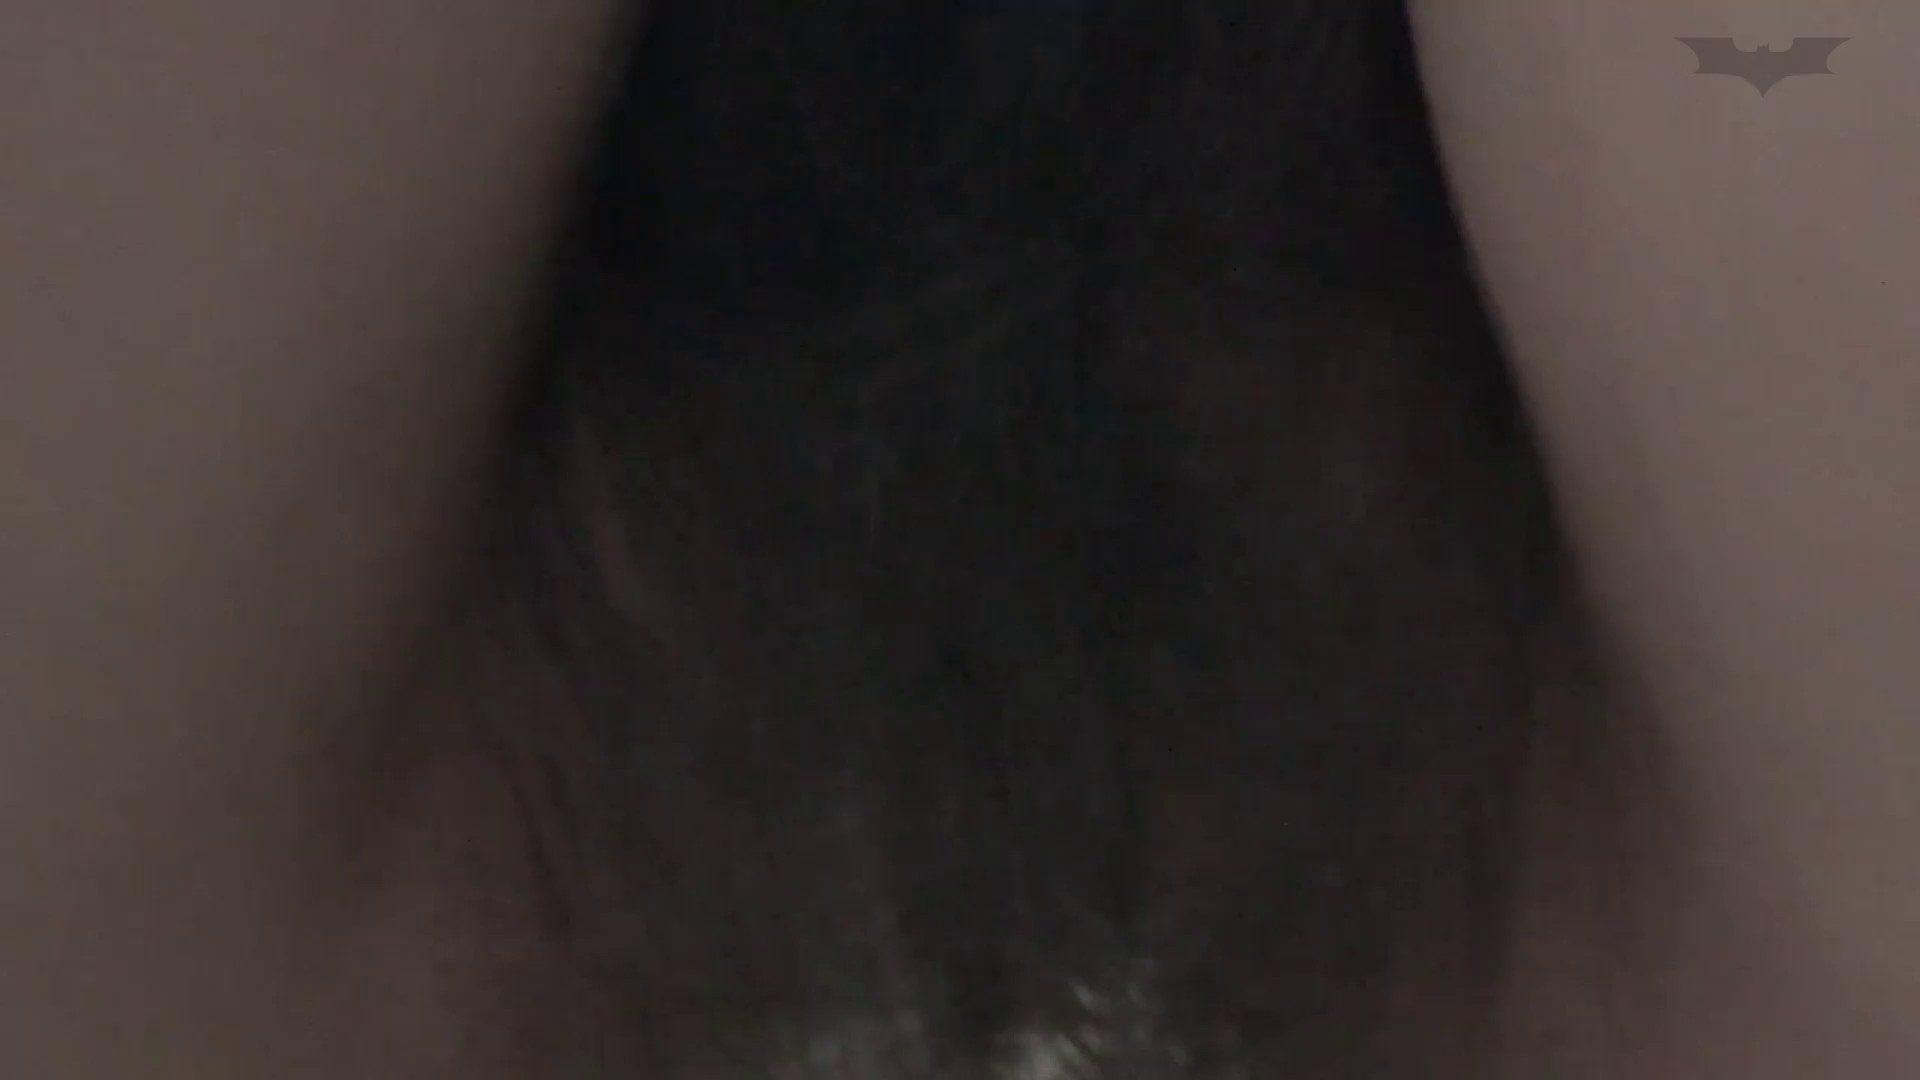 JD盗撮 美女の洗面所の秘密 Vol.60 盗撮 | 高画質  81画像 72